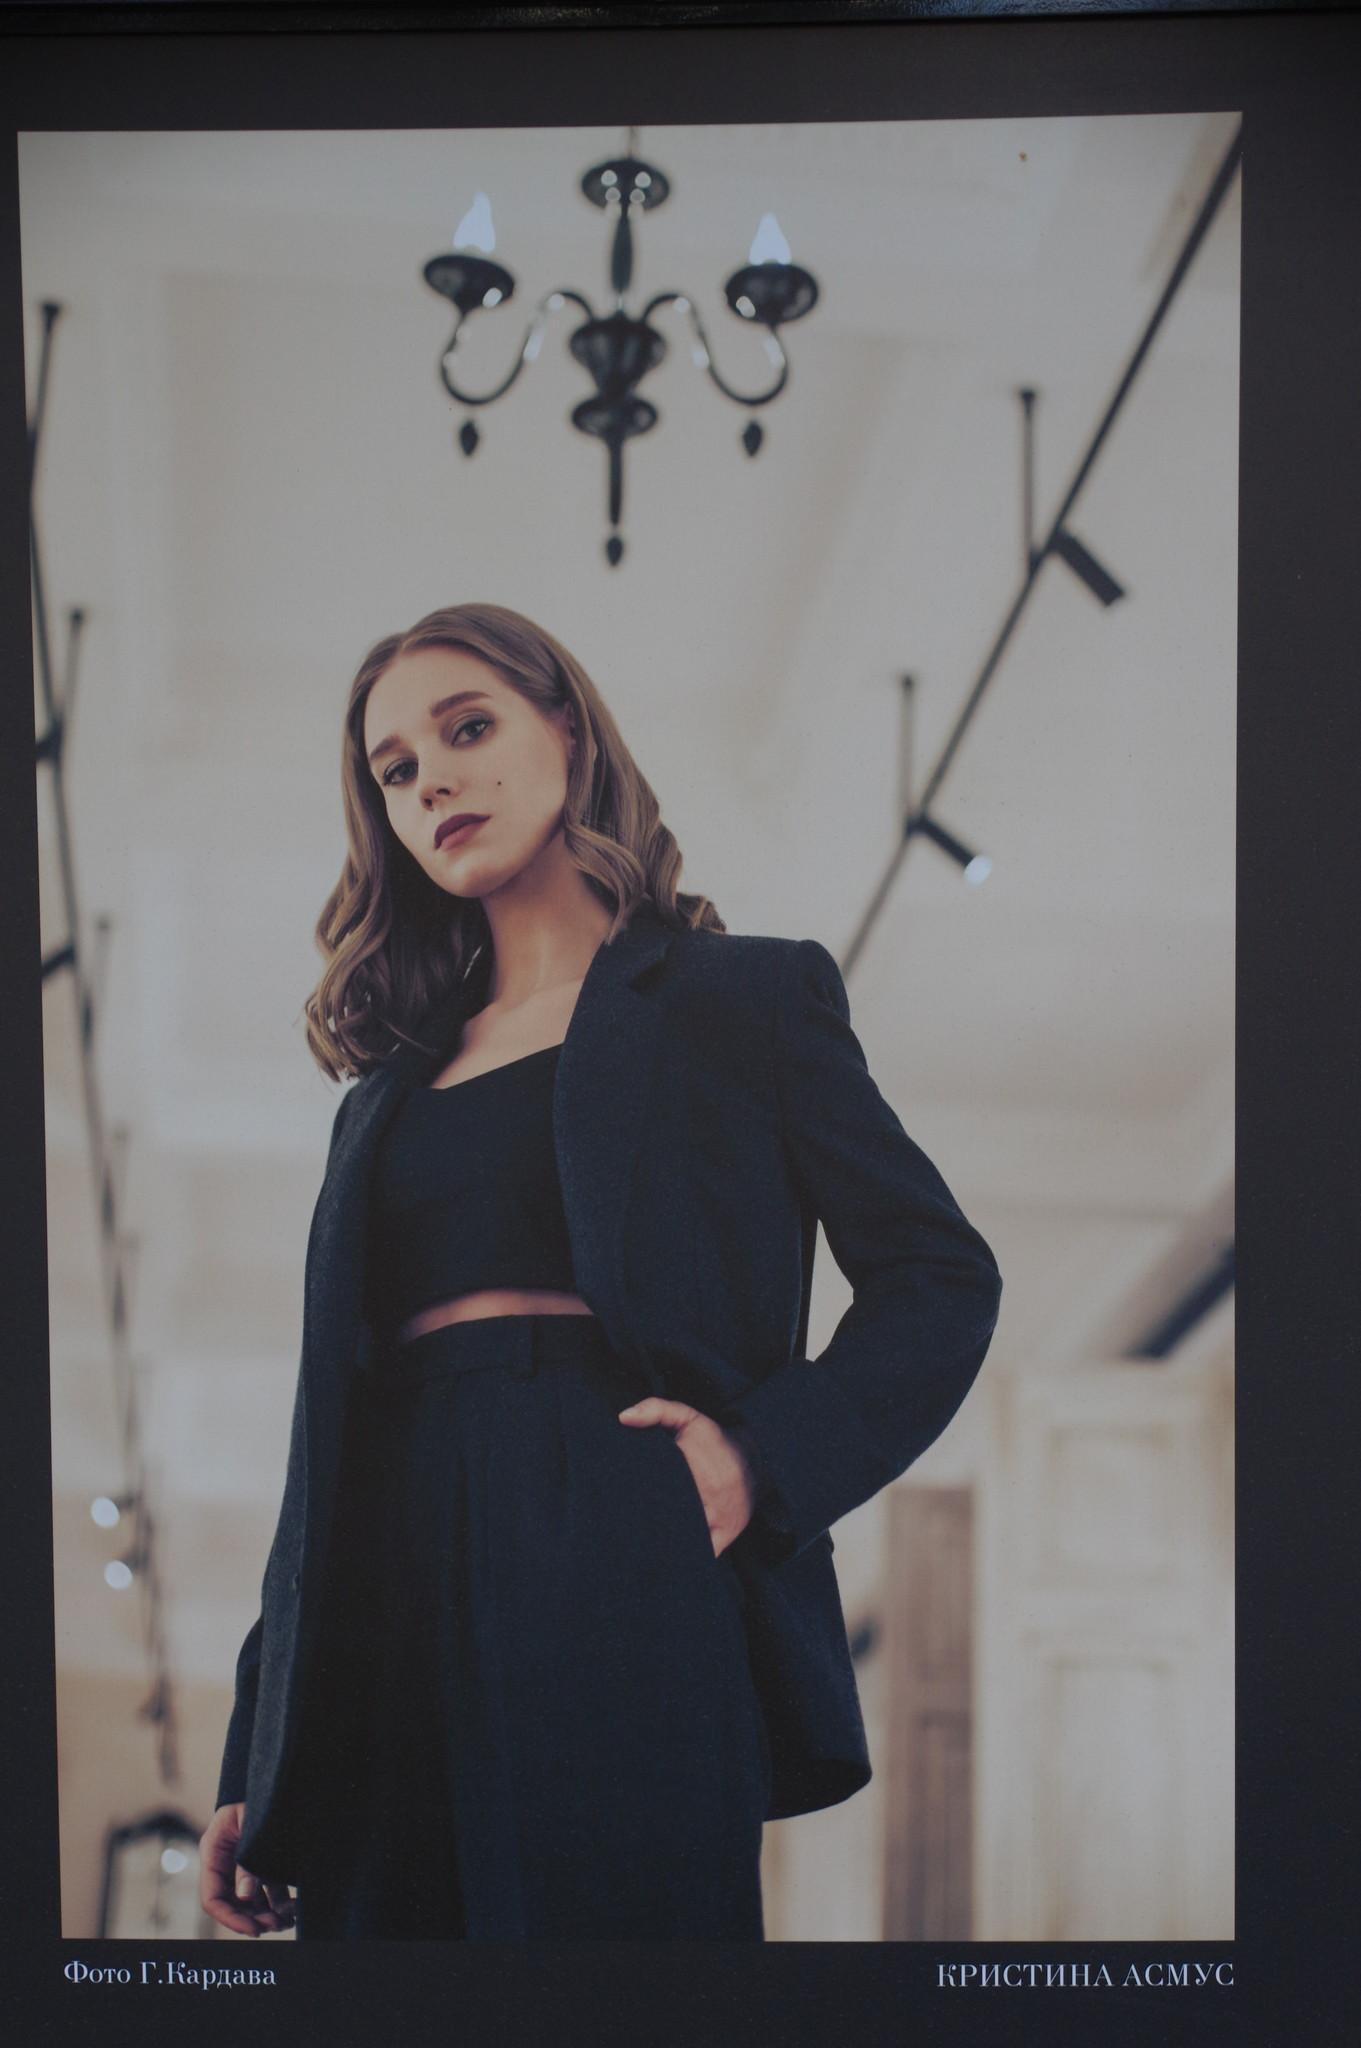 Кристина Асмус. Фото Г. Кардава. Выставка «Театр Ермоловой. 95 сезон» на Никитском бульваре